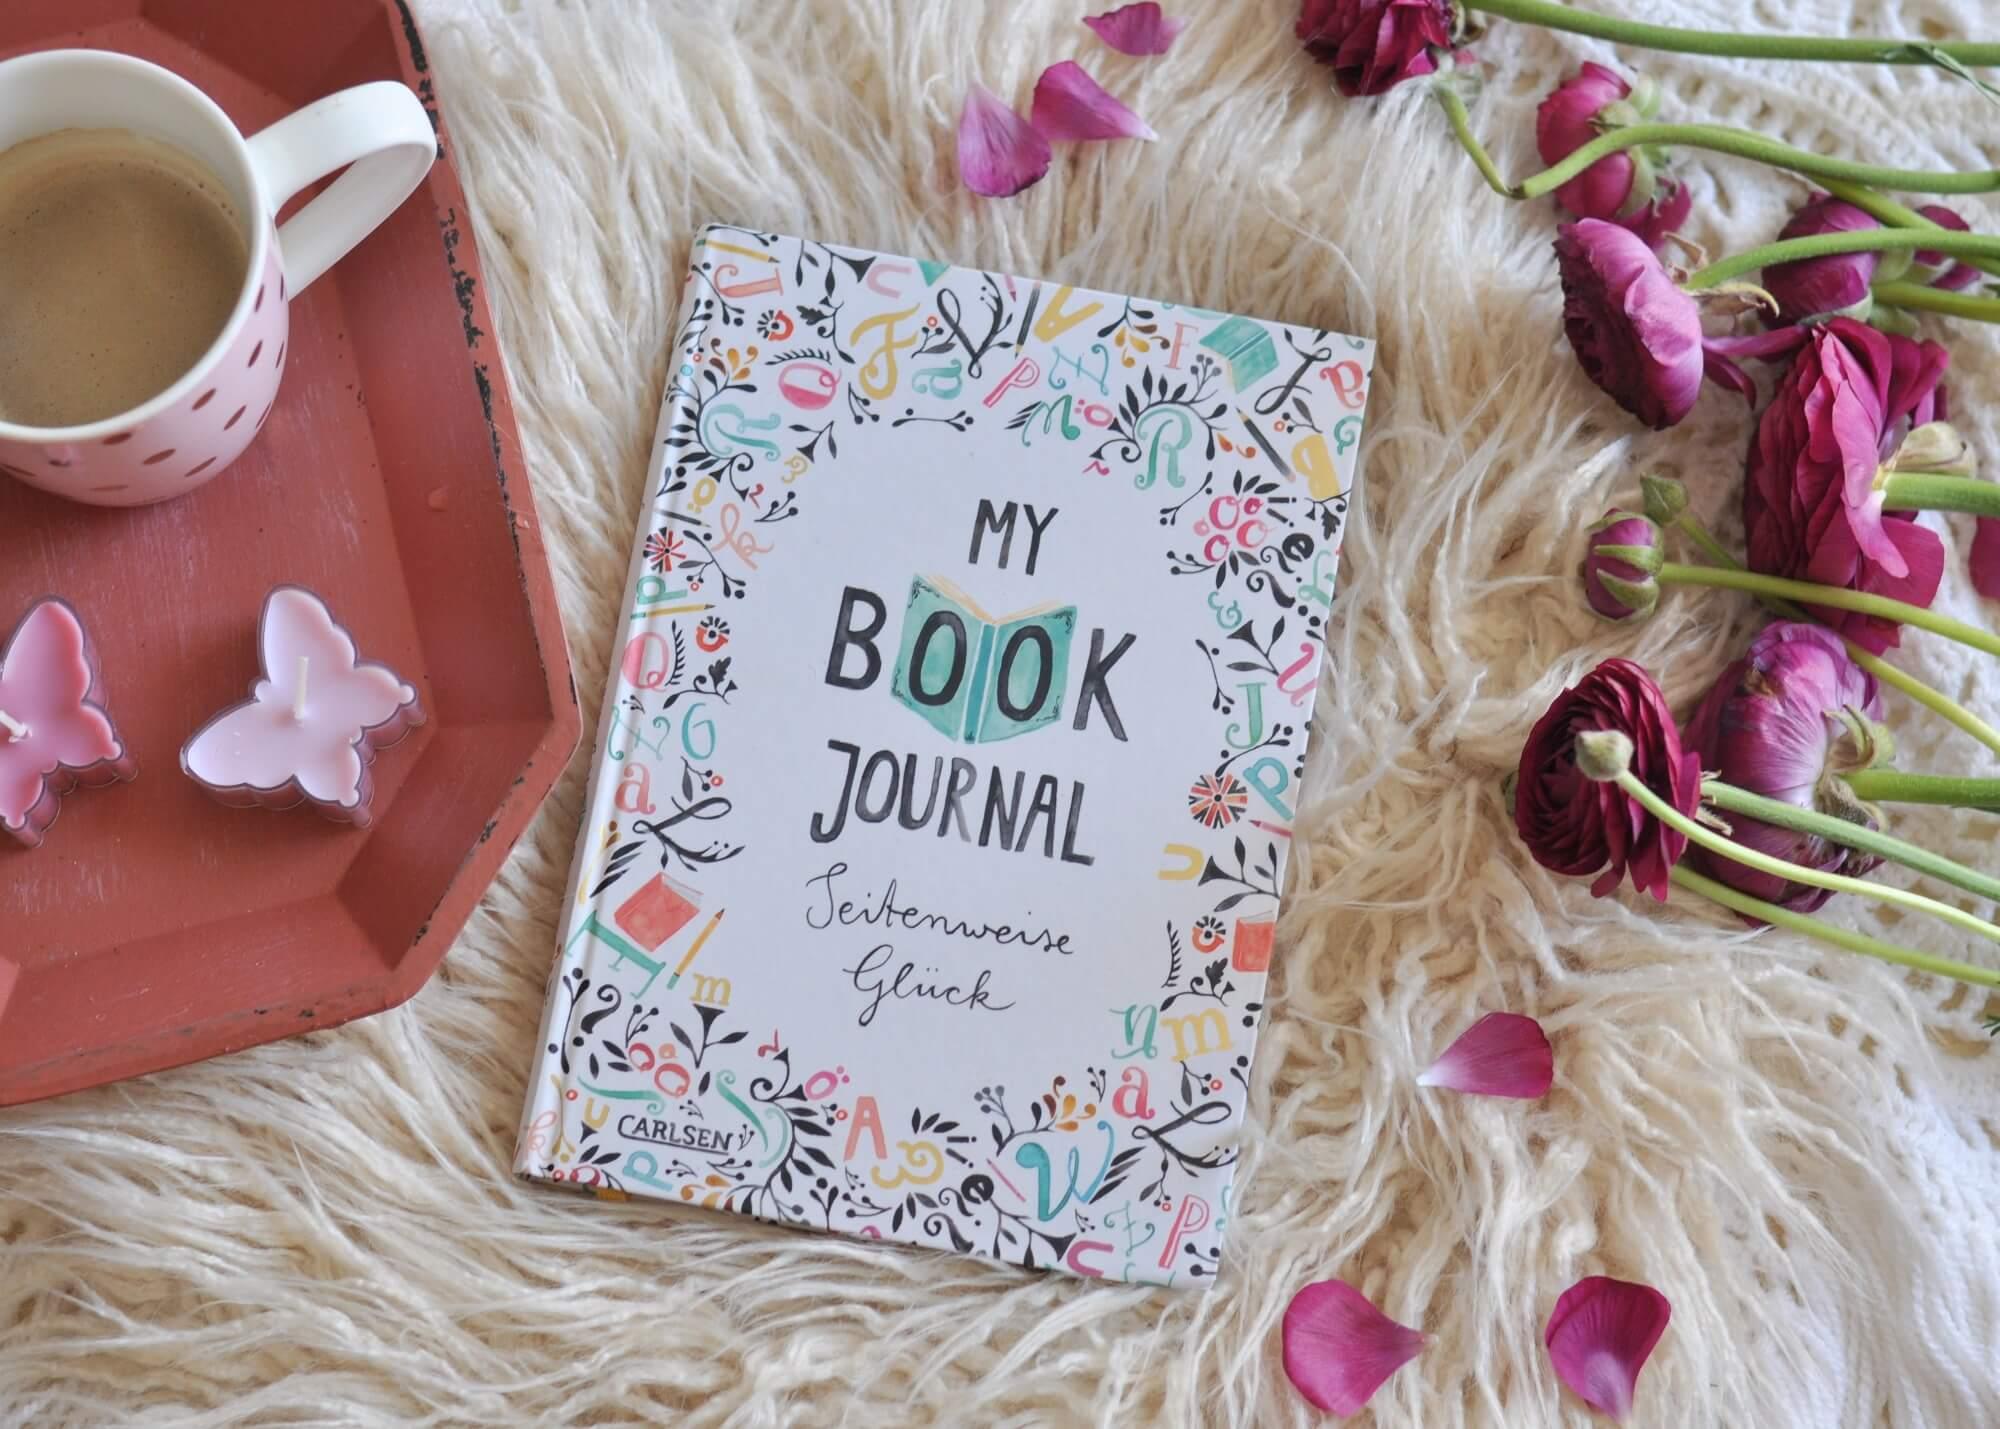 """Ein Buch für Buchliebhaber! In diesem """"Freundebuch"""" finden nicht nur Gedanken und Erinnerungen an gelesene Bücher, sondern auch Zitate, Verleihlisten ihren Platz. Jede Seite ist liebevoll illustiert. #buch #geschenk #lesen #leseliste #posiealbum #freundebuch #geschenk"""